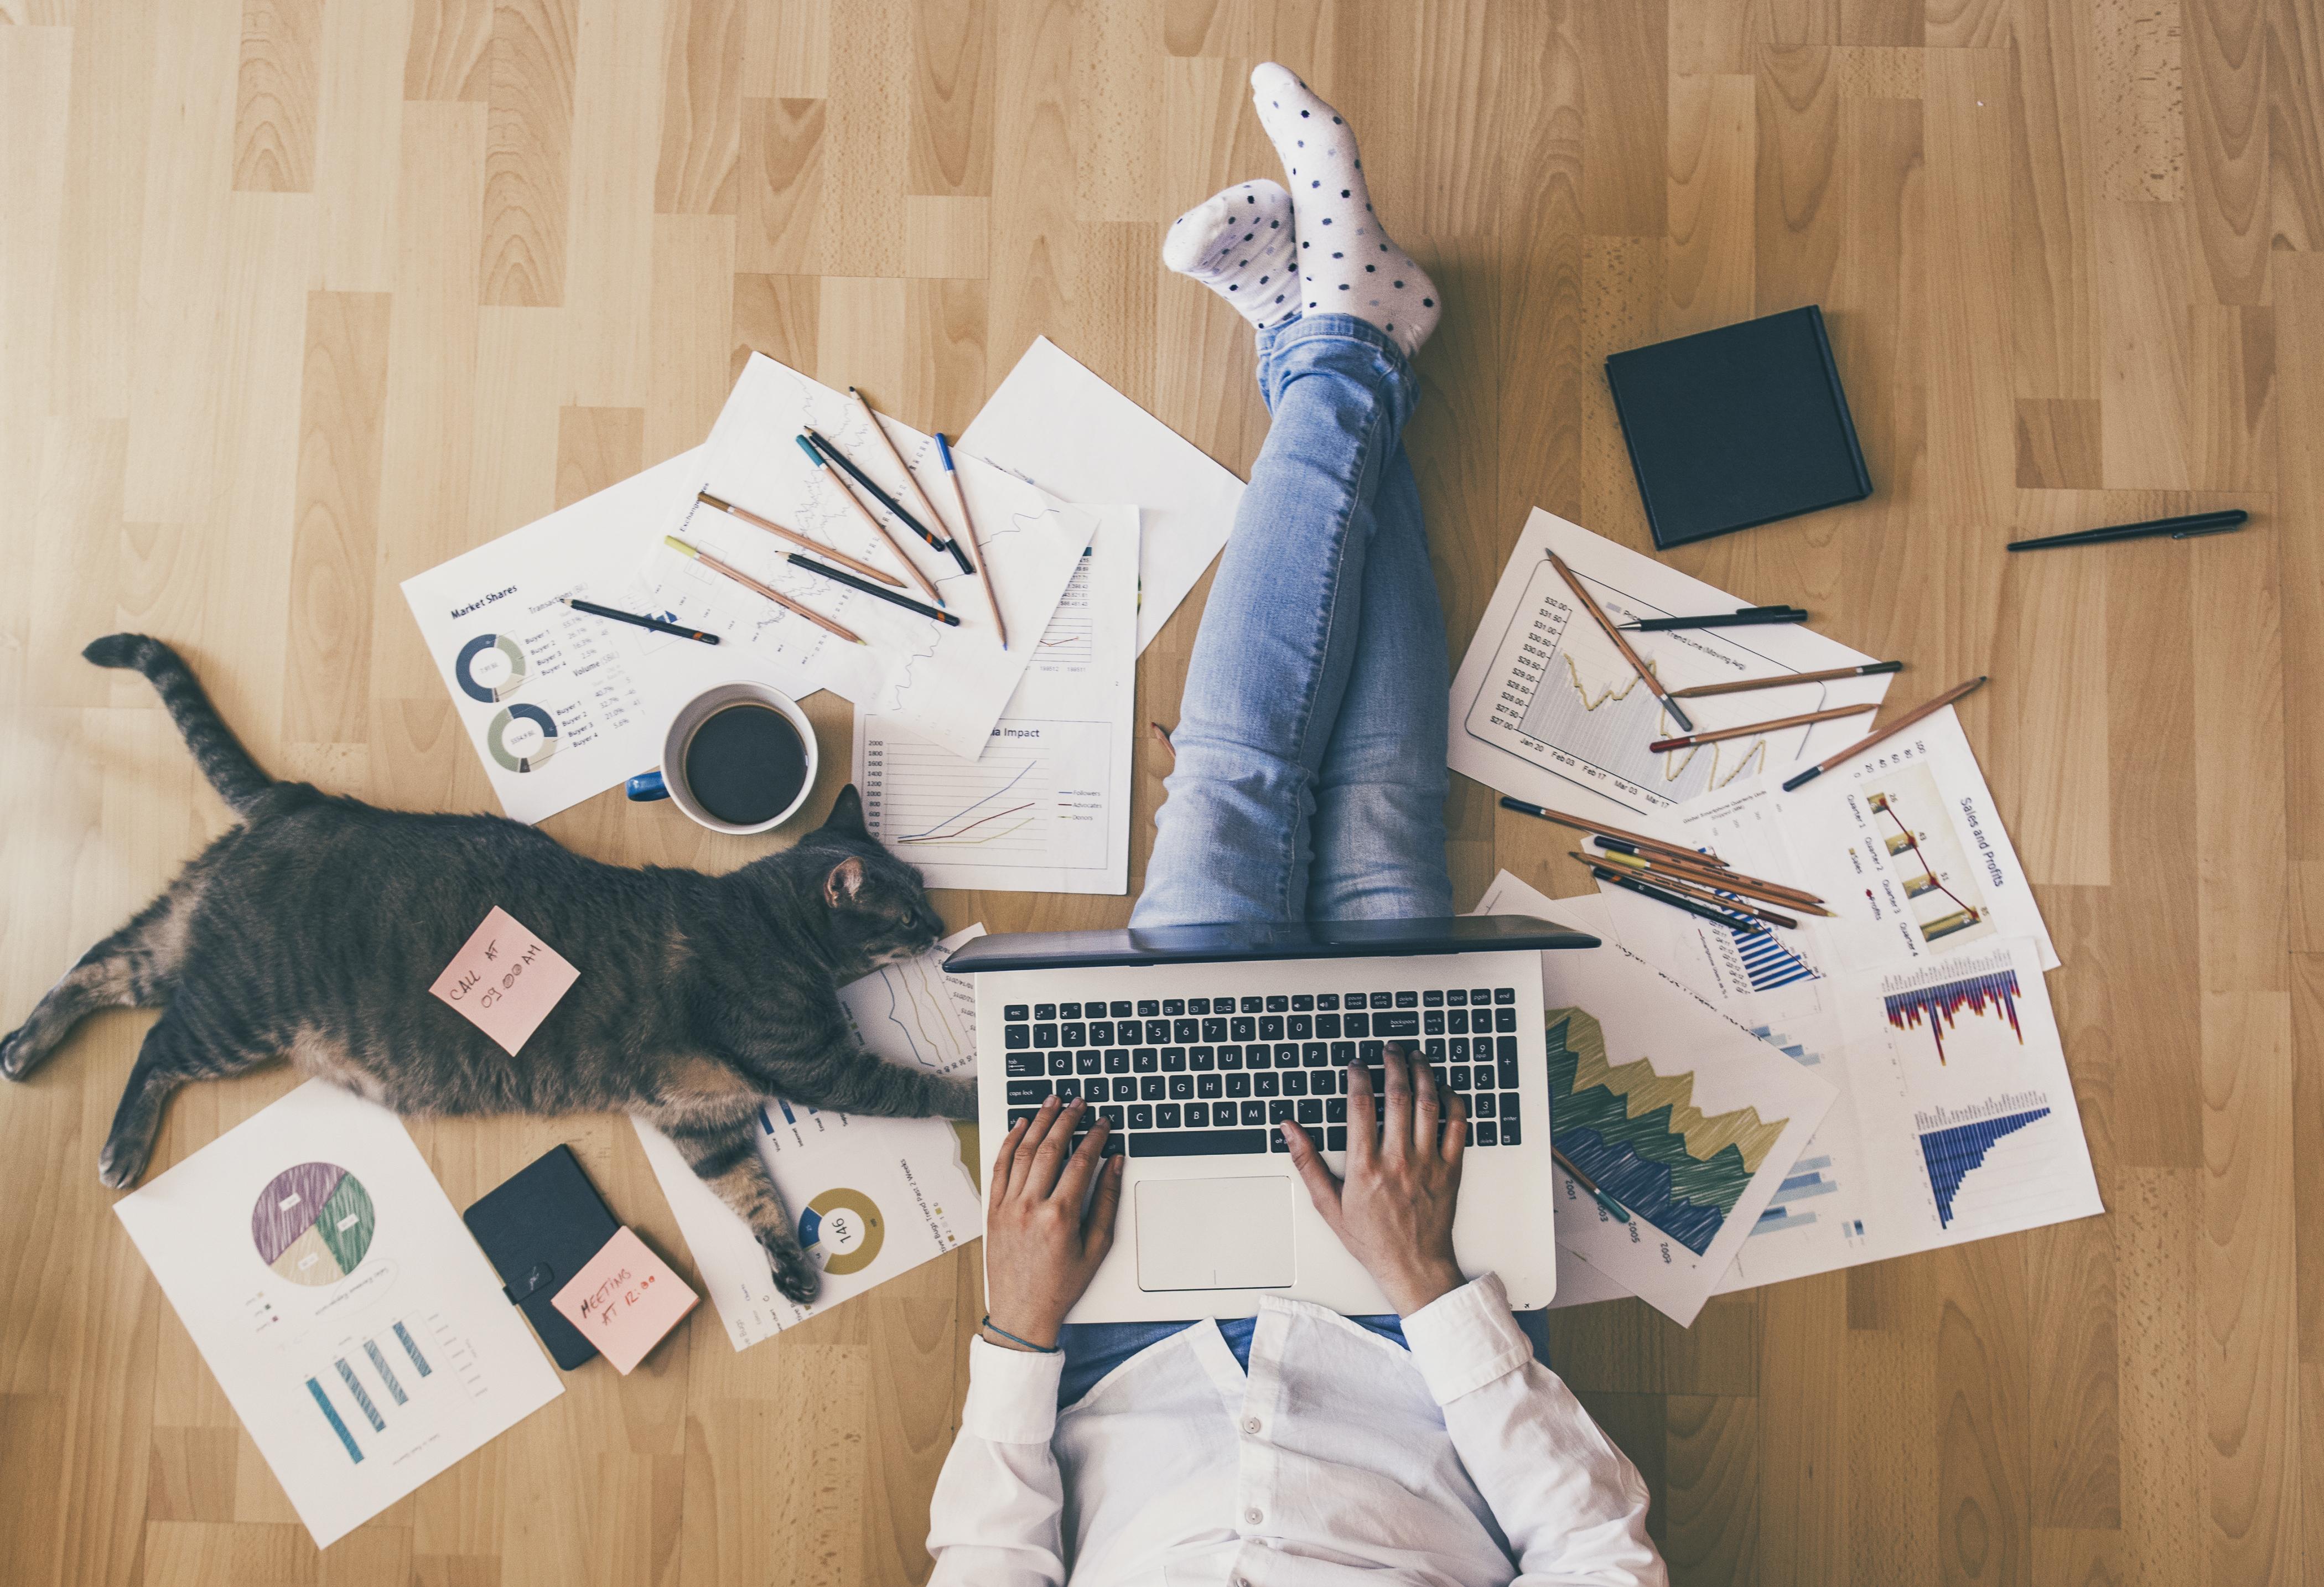 Snel afgeleid tijdens het thuiswerken? 6 tips voor meer focus!